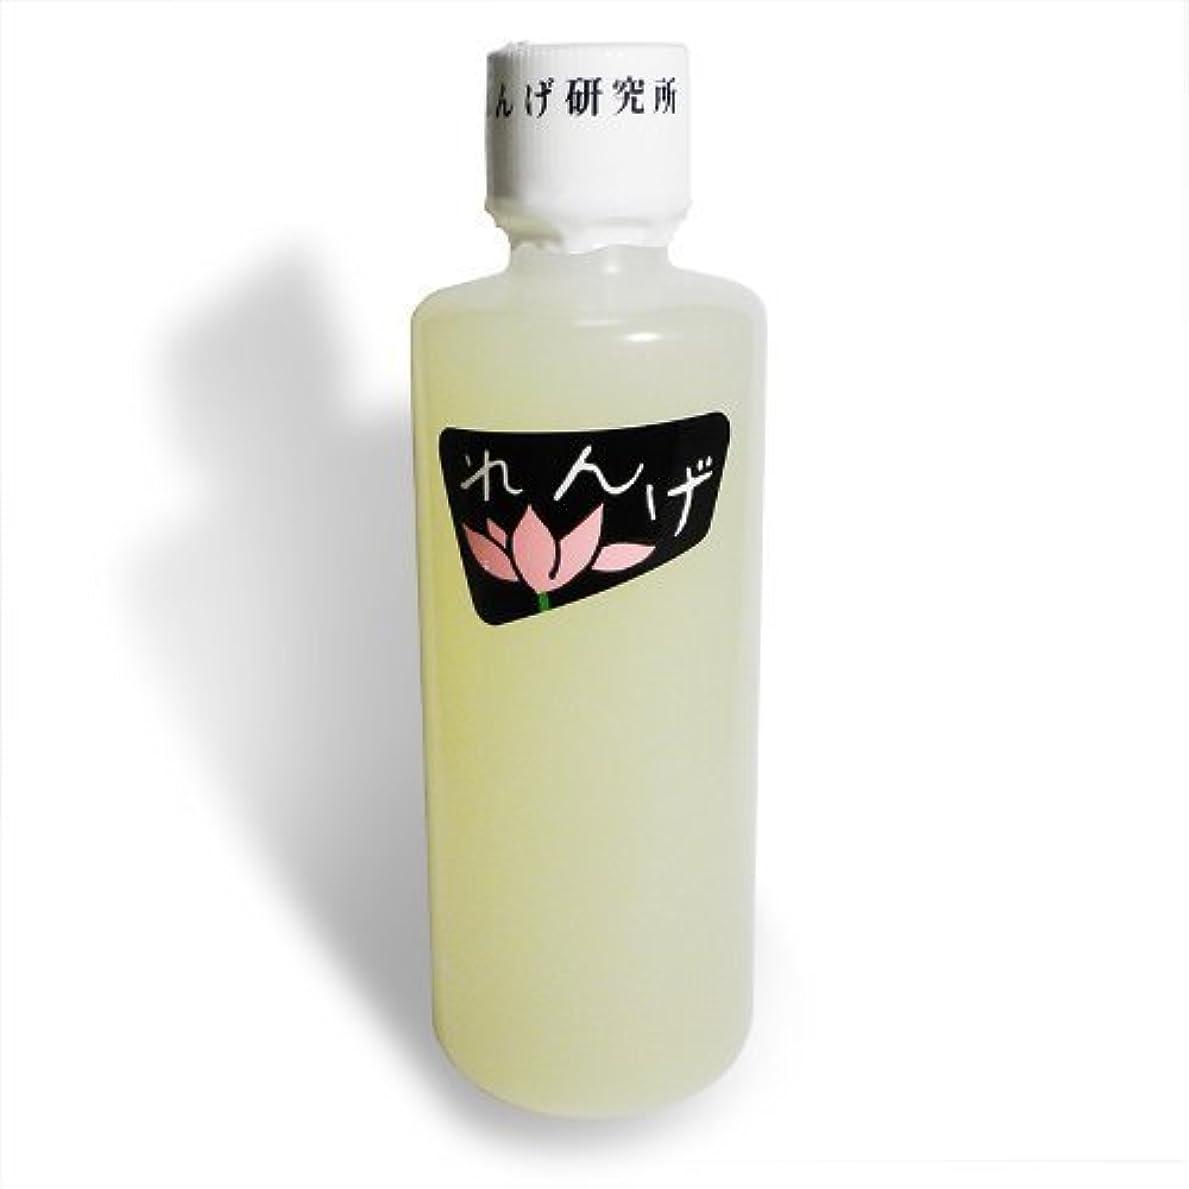 変換する樹皮アロングれんげ研究所 れんげ化粧水 140cc×3本